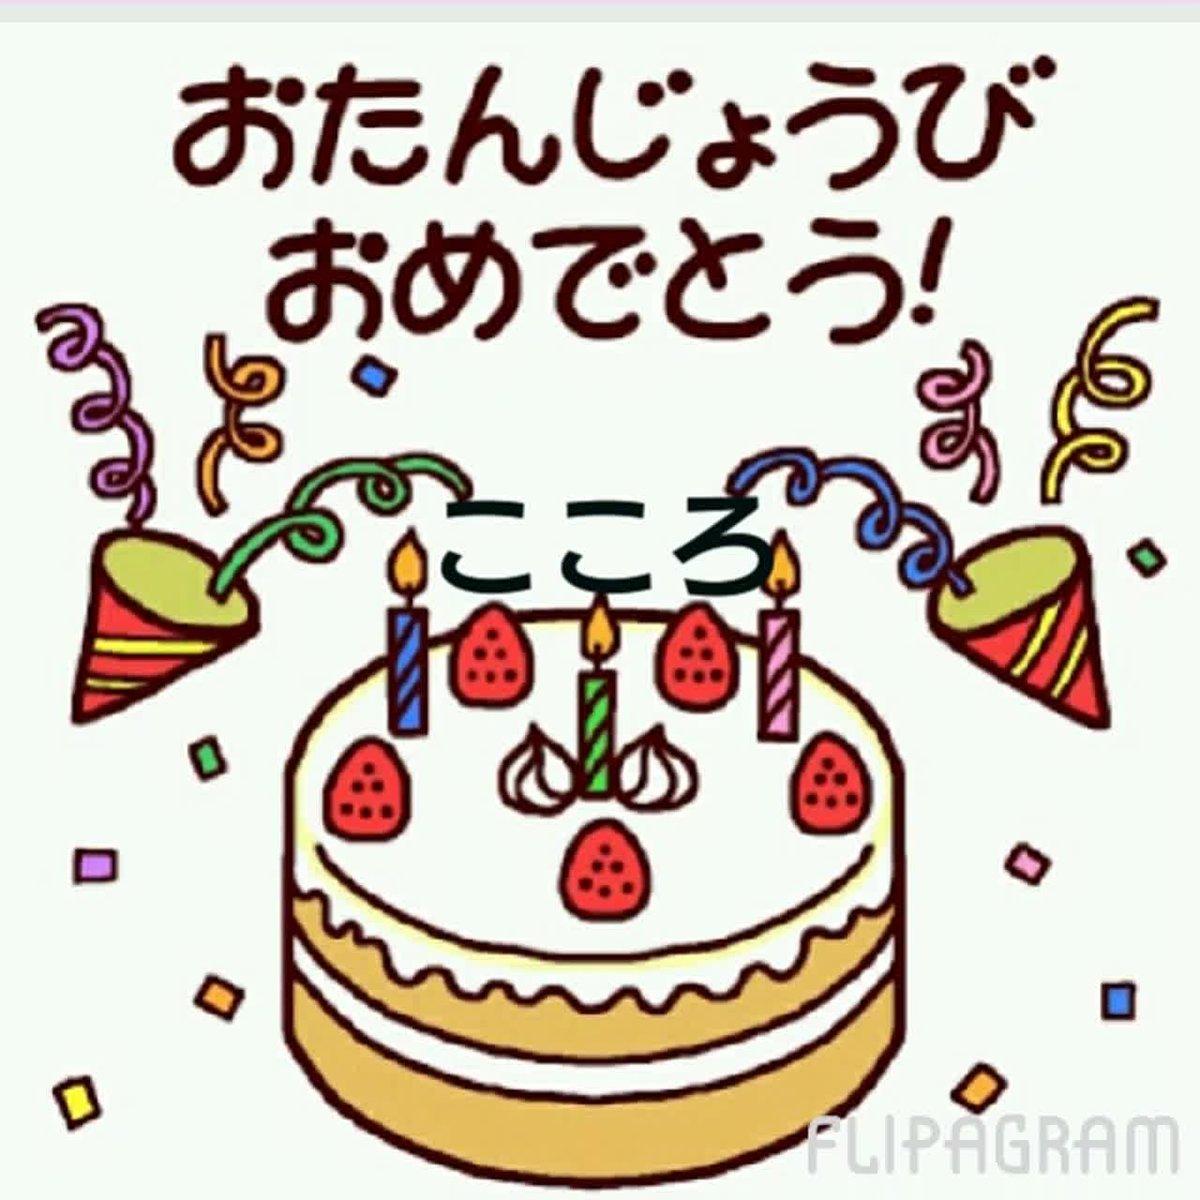 Японские поздравления на день рождения мужчине